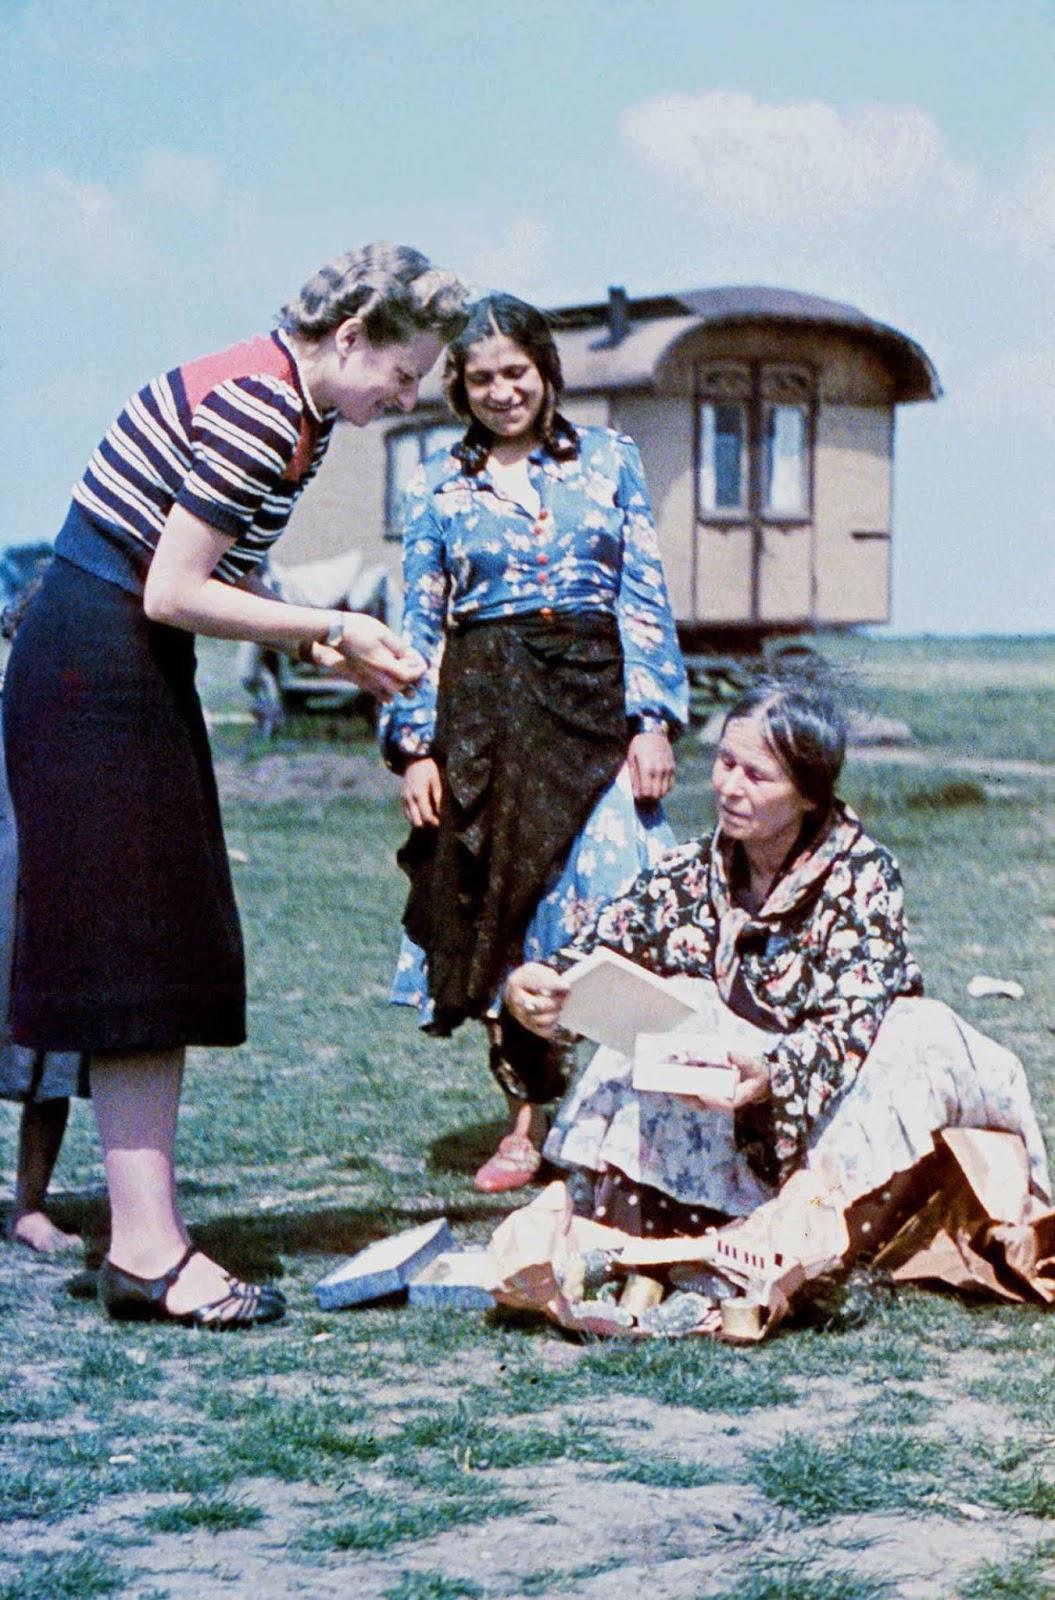 Sophie Ehrhardt, del Centro de Investigación de Higiene Racial, realiza una entrevista con una anciana gitana. 1938.